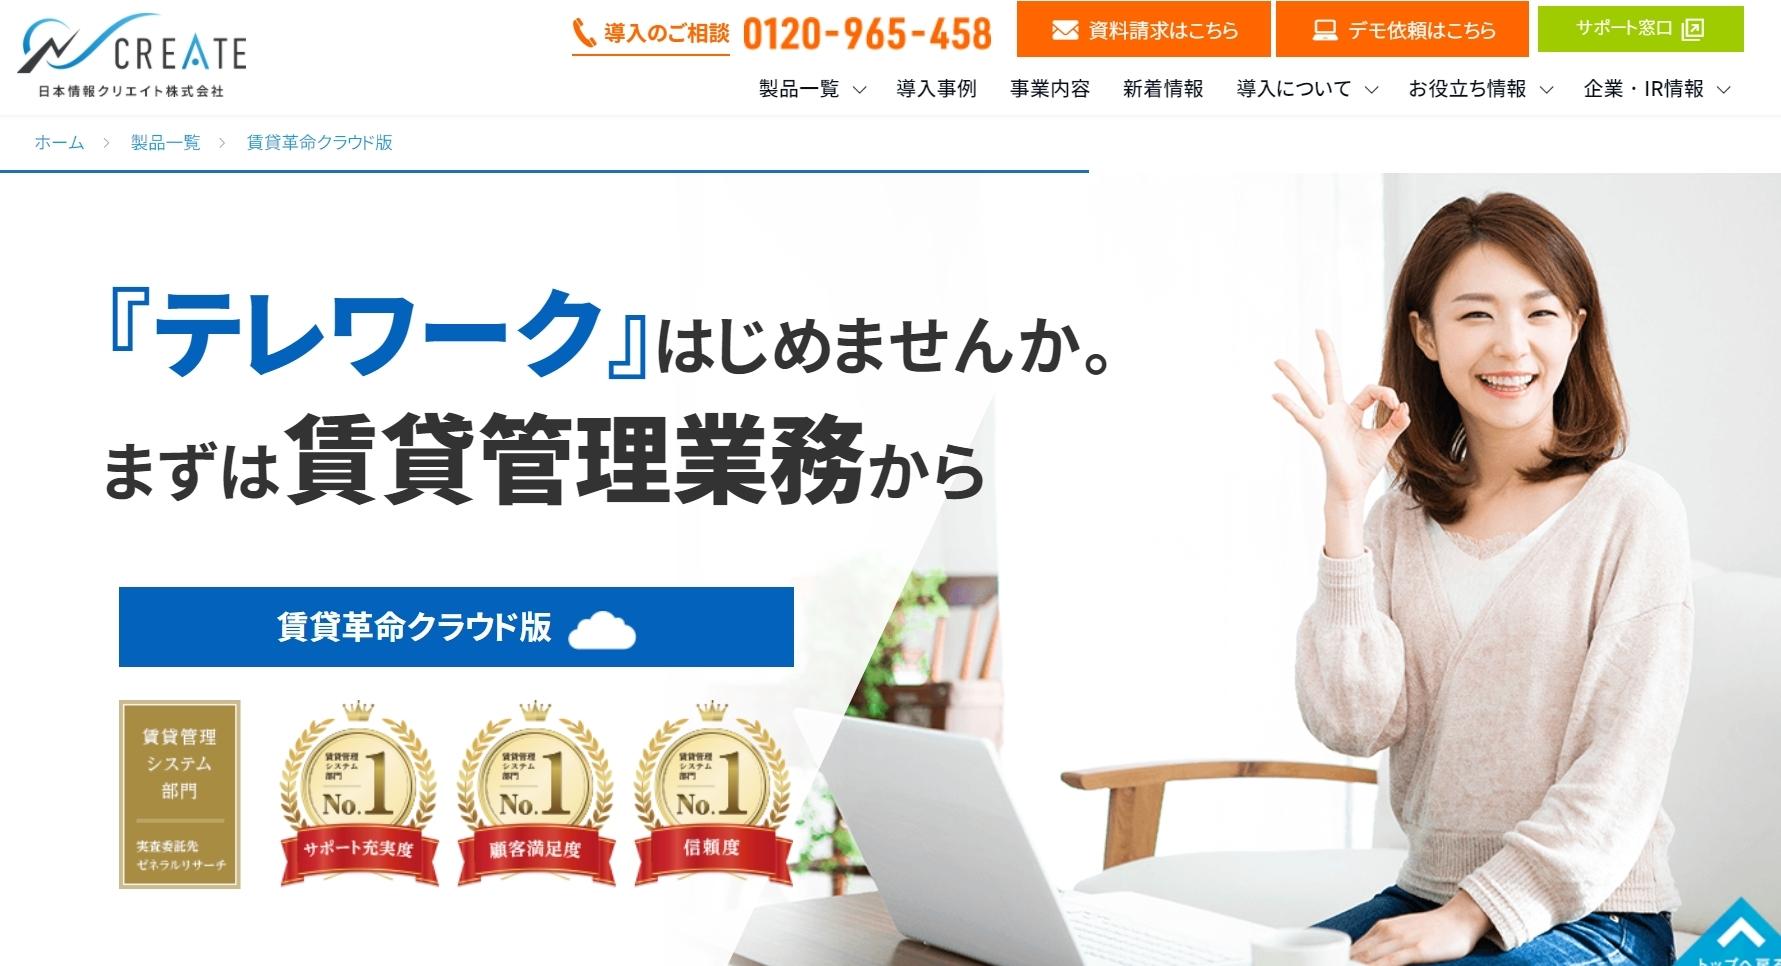 賃貸革命クラウド 公式Webサイト